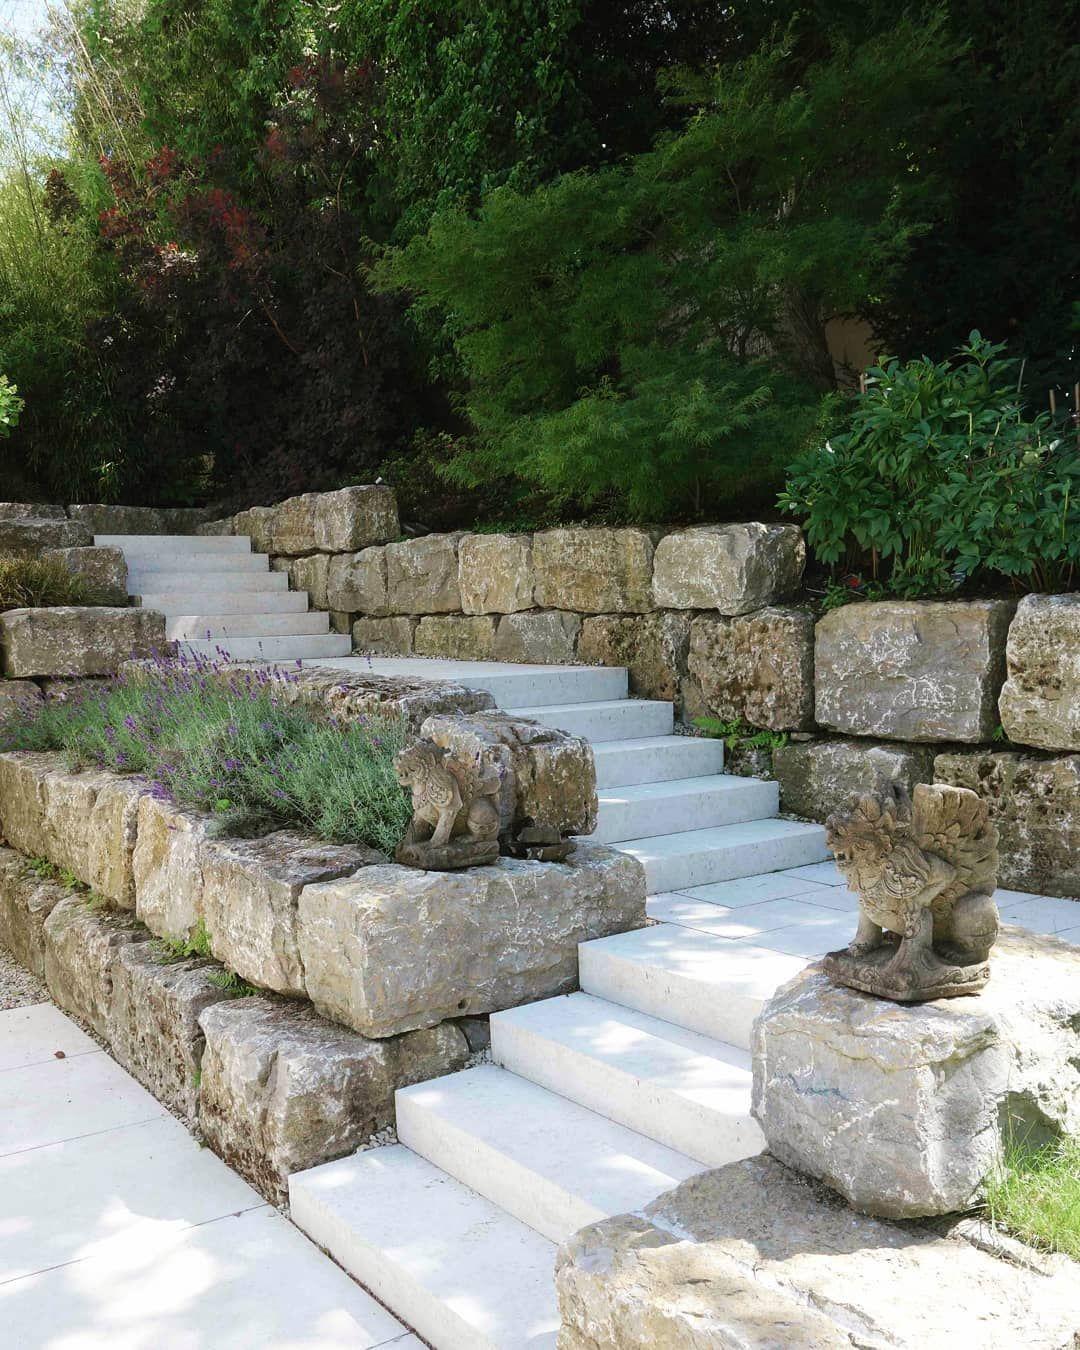 Pin Von Camilla Koller Auf Gartengestaltung In 2020 Garten Design Garten Gartenbau